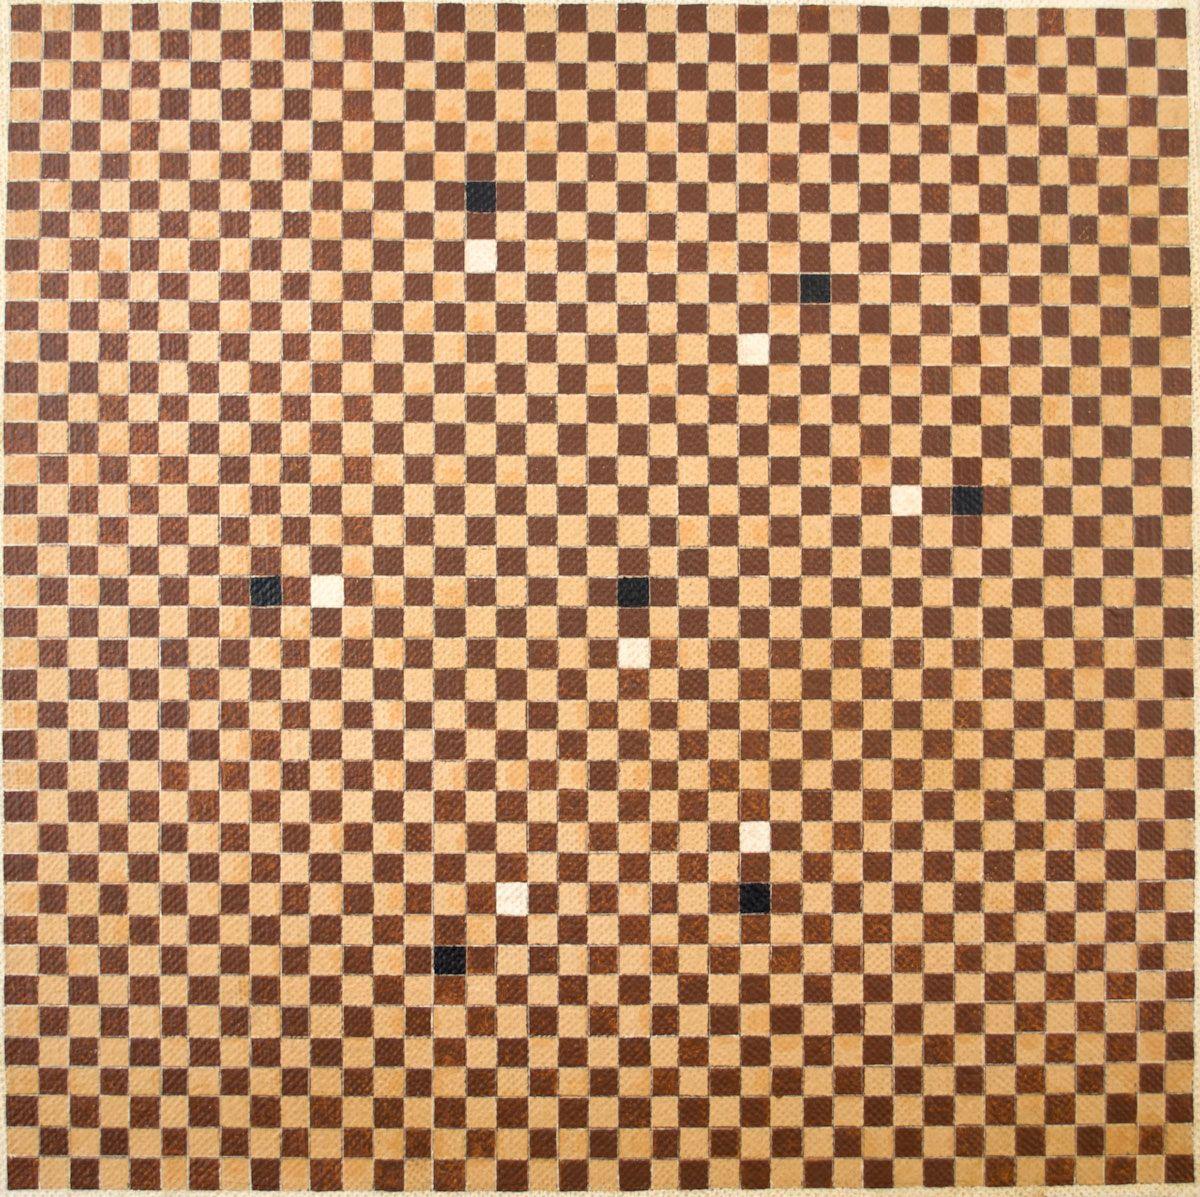 IVAN SERPA (1923 - 1973) Título: Composição Técnica: óleo sobre tela Medidas: 40 x 40 cm Assinatura: dorso